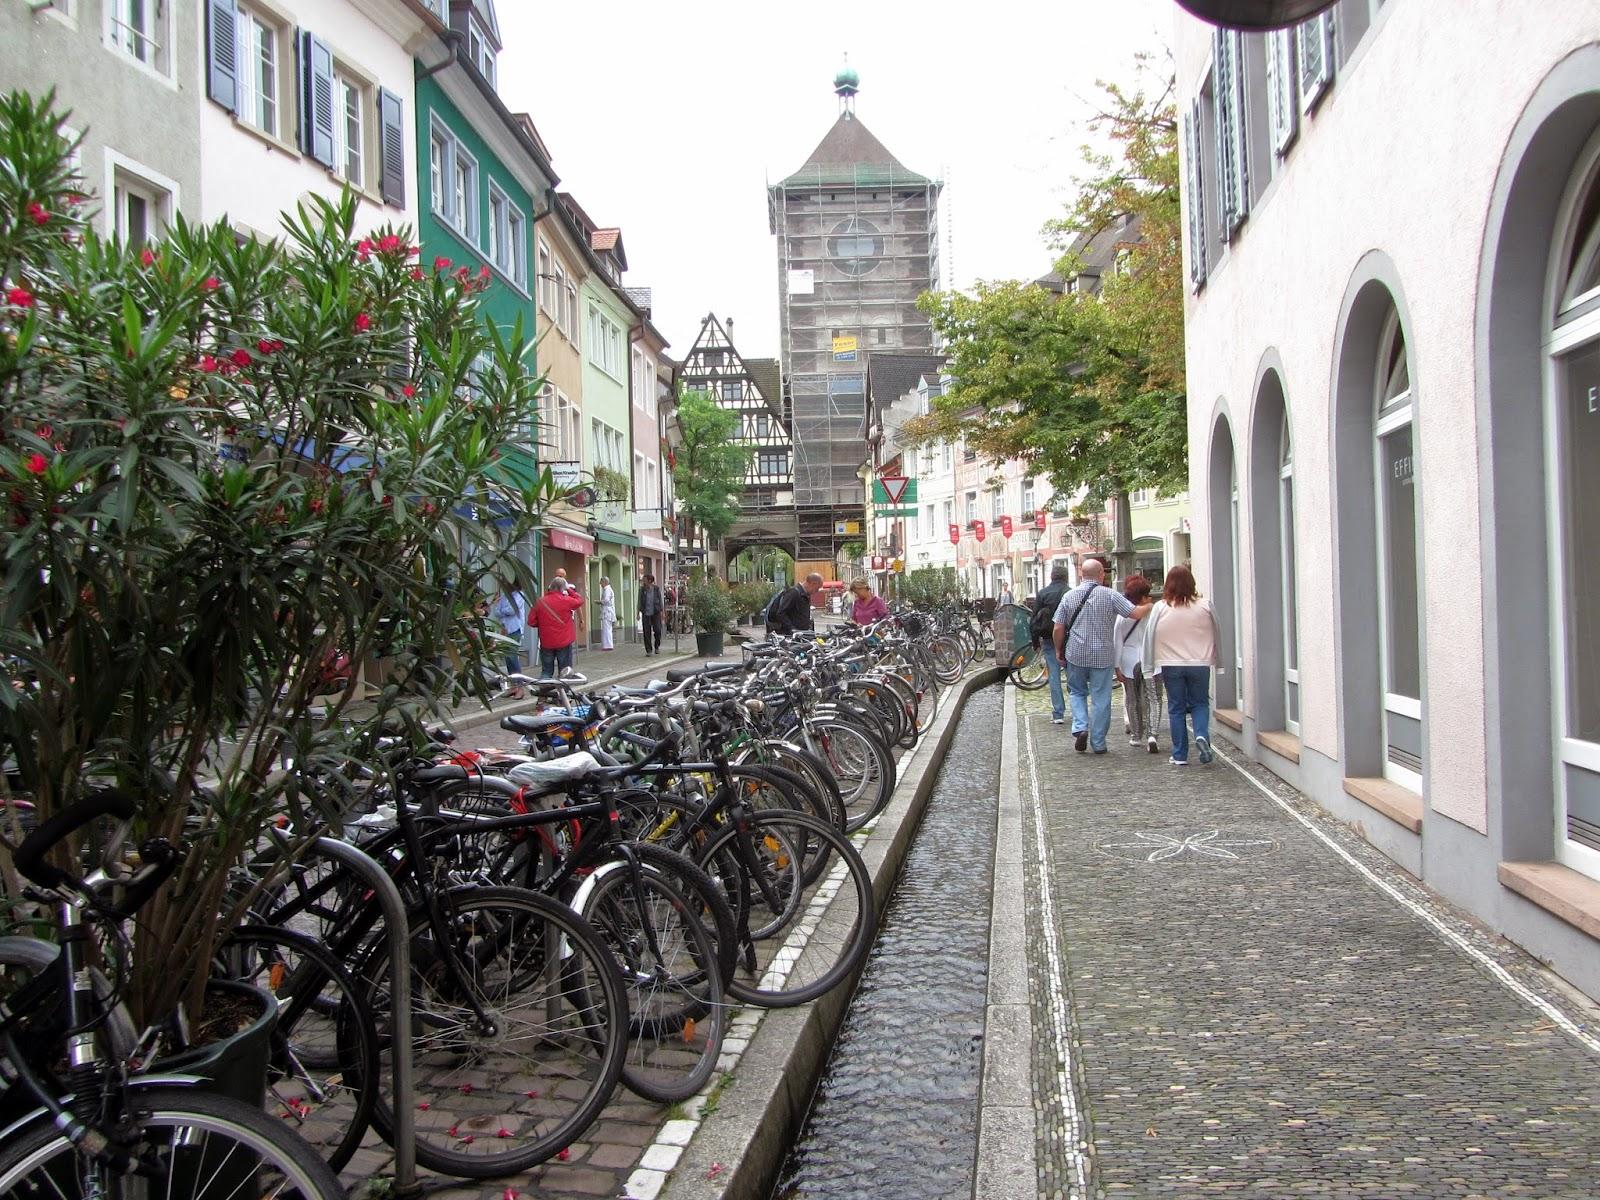 viaje a alemania 1 12-07-2014 FRIBURGO canal de agua y bicicletas